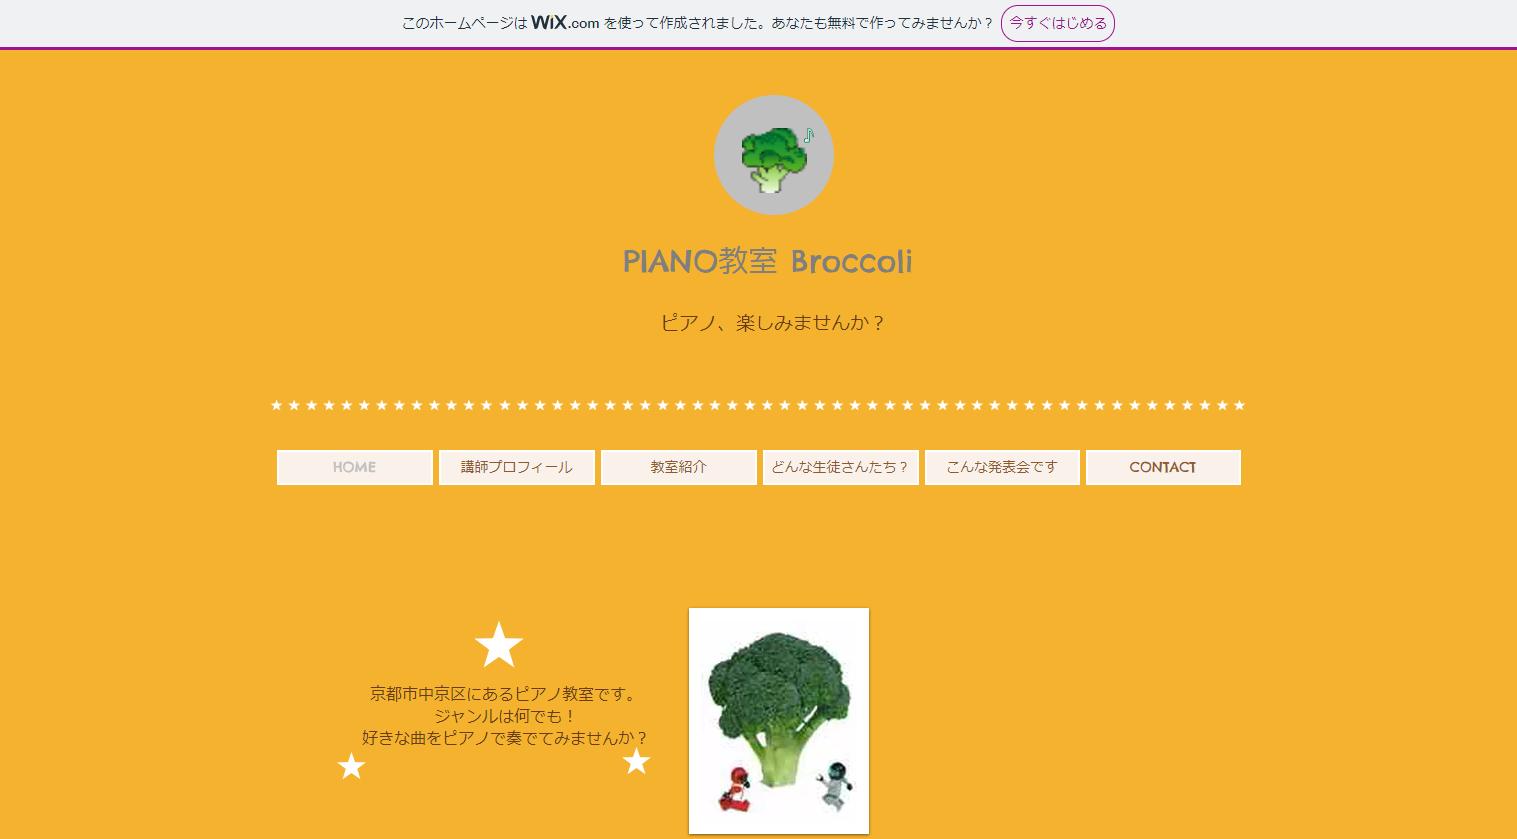 PIANO教室 Broccoliのサムネイル